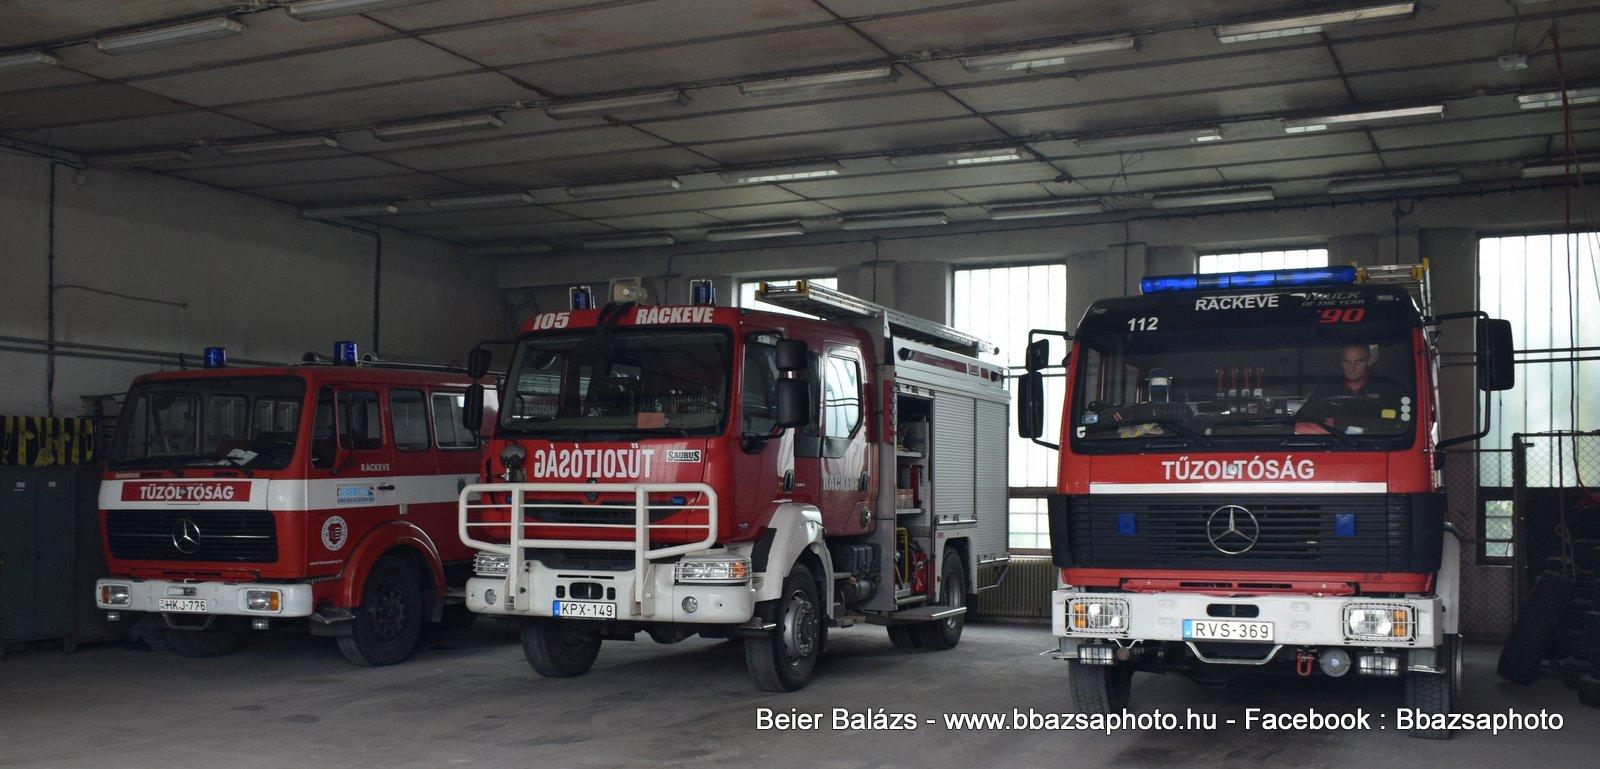 Ráckevei Önkormányzati Tűzoltóság